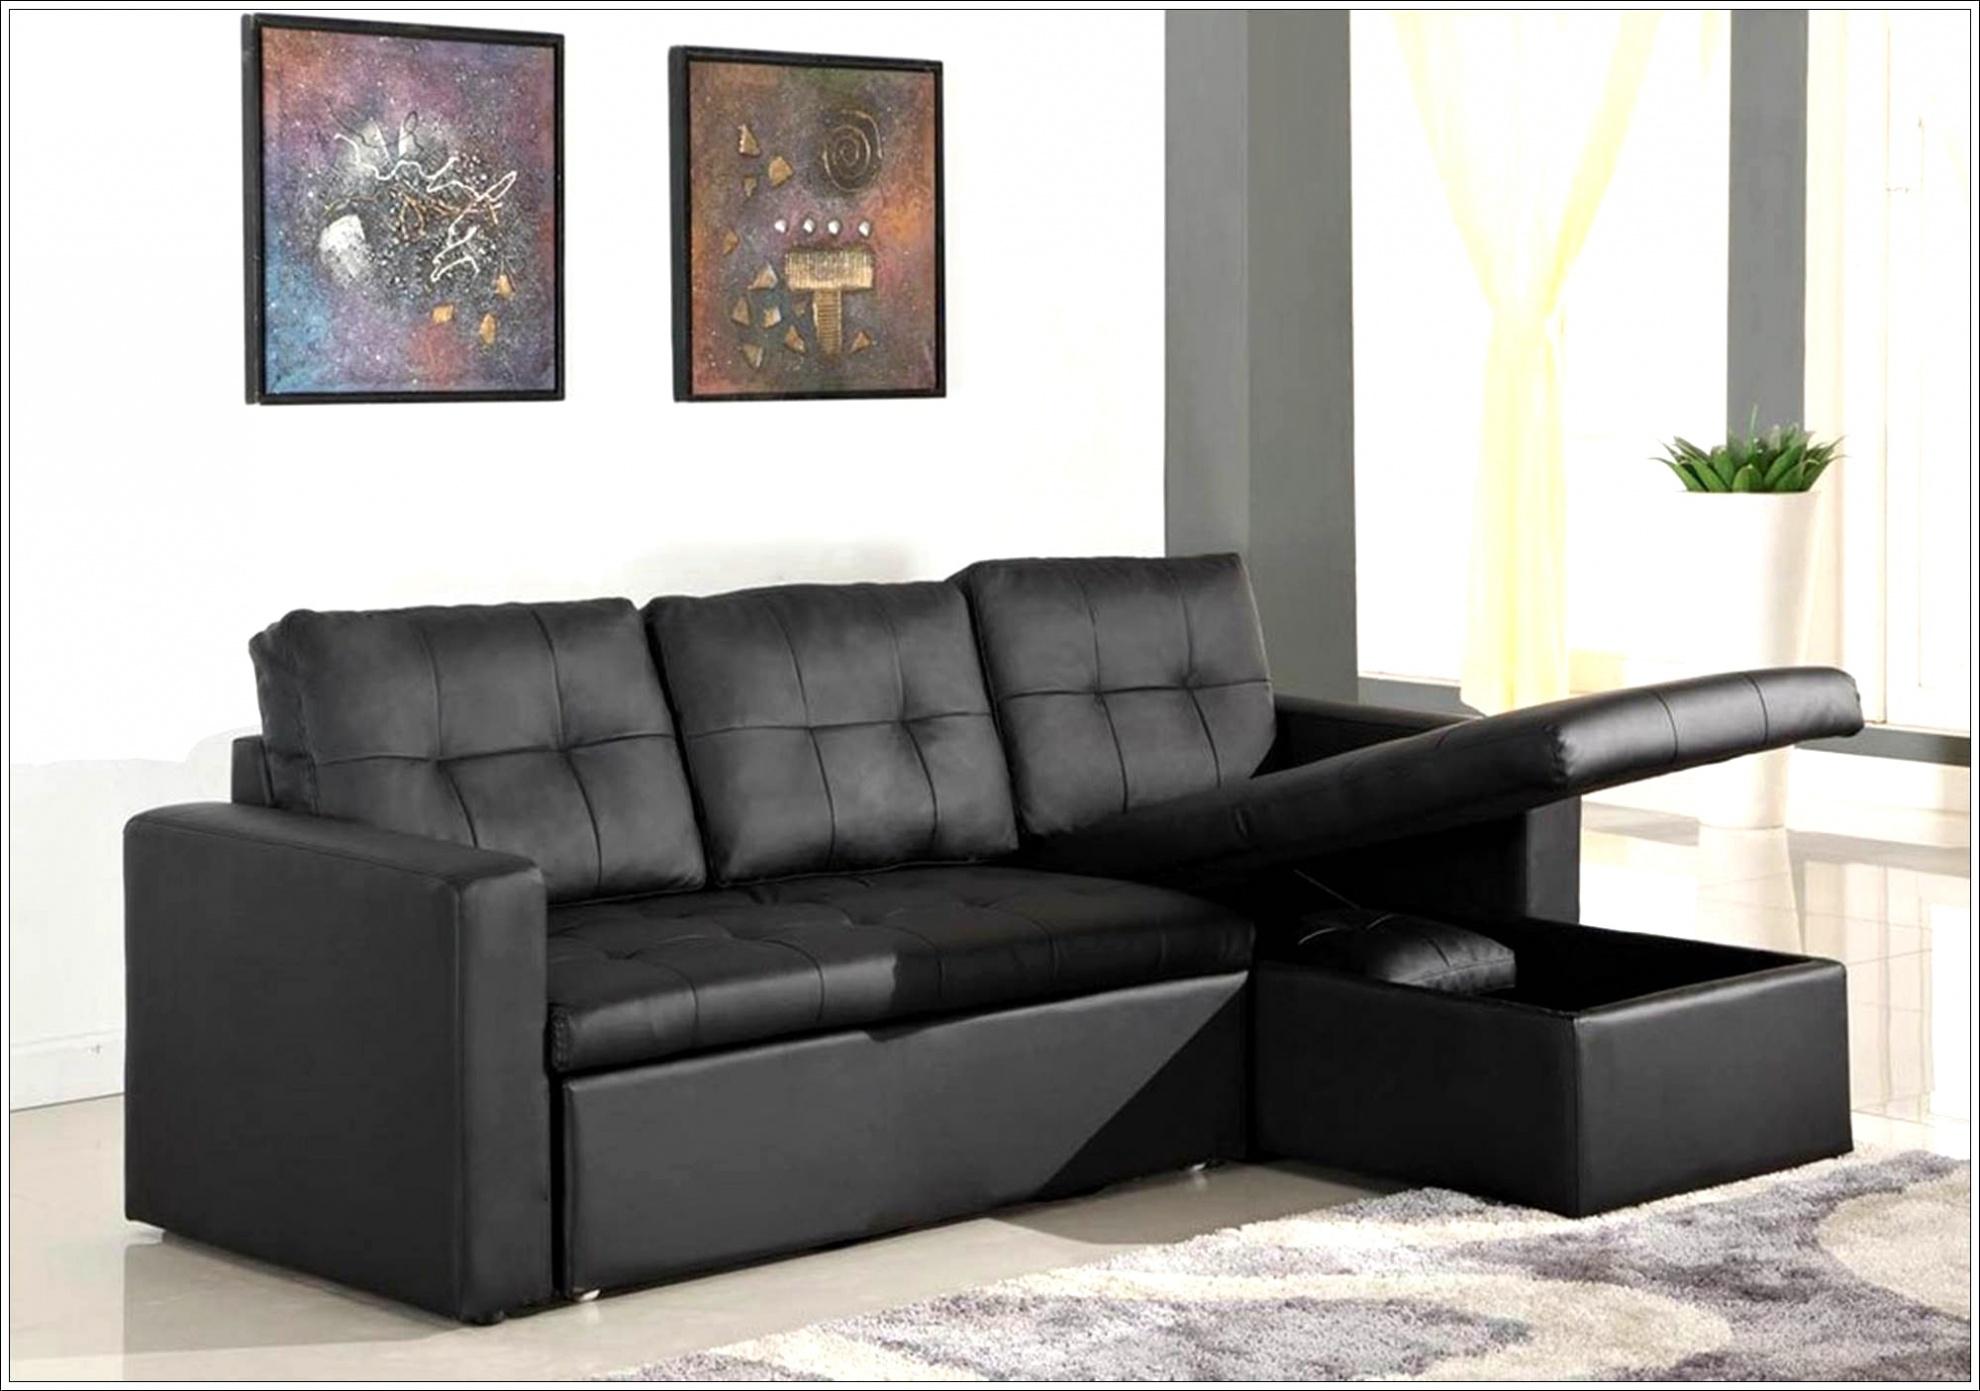 Plaid Pour Canapé Cuir Élégant Galerie Maha S Jetée De Canapé Home Mahagranda